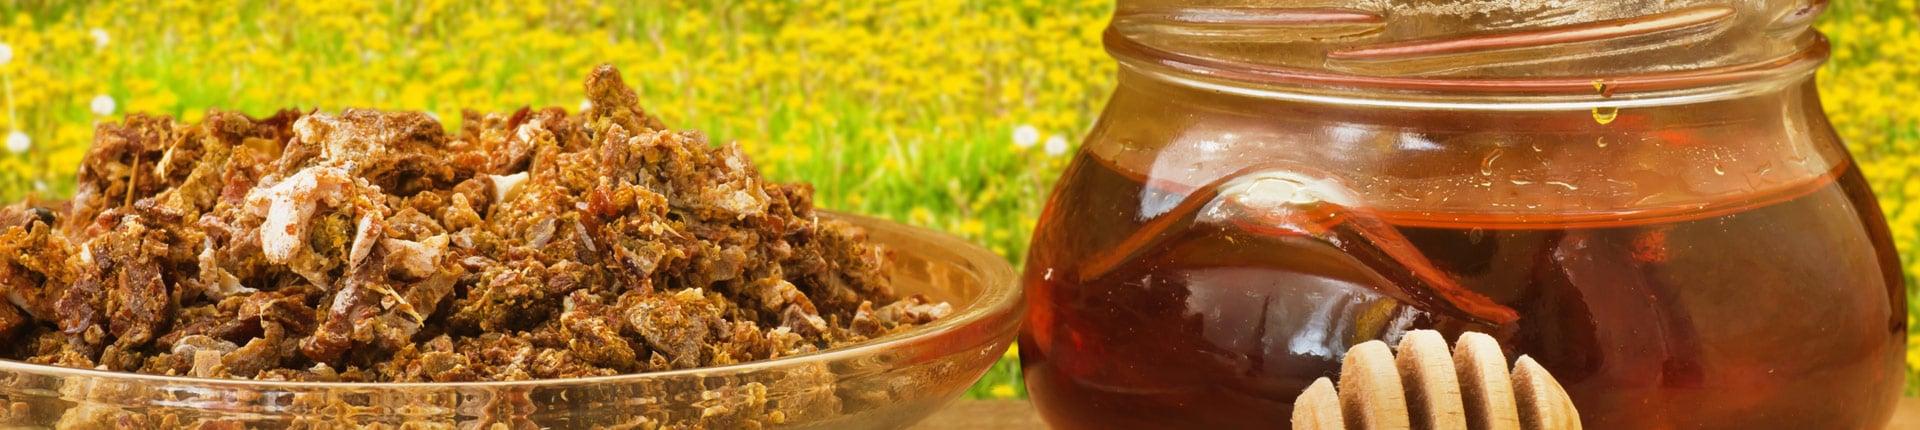 Propolis ( kit pszczeli ) a wrażliwość insulinowa